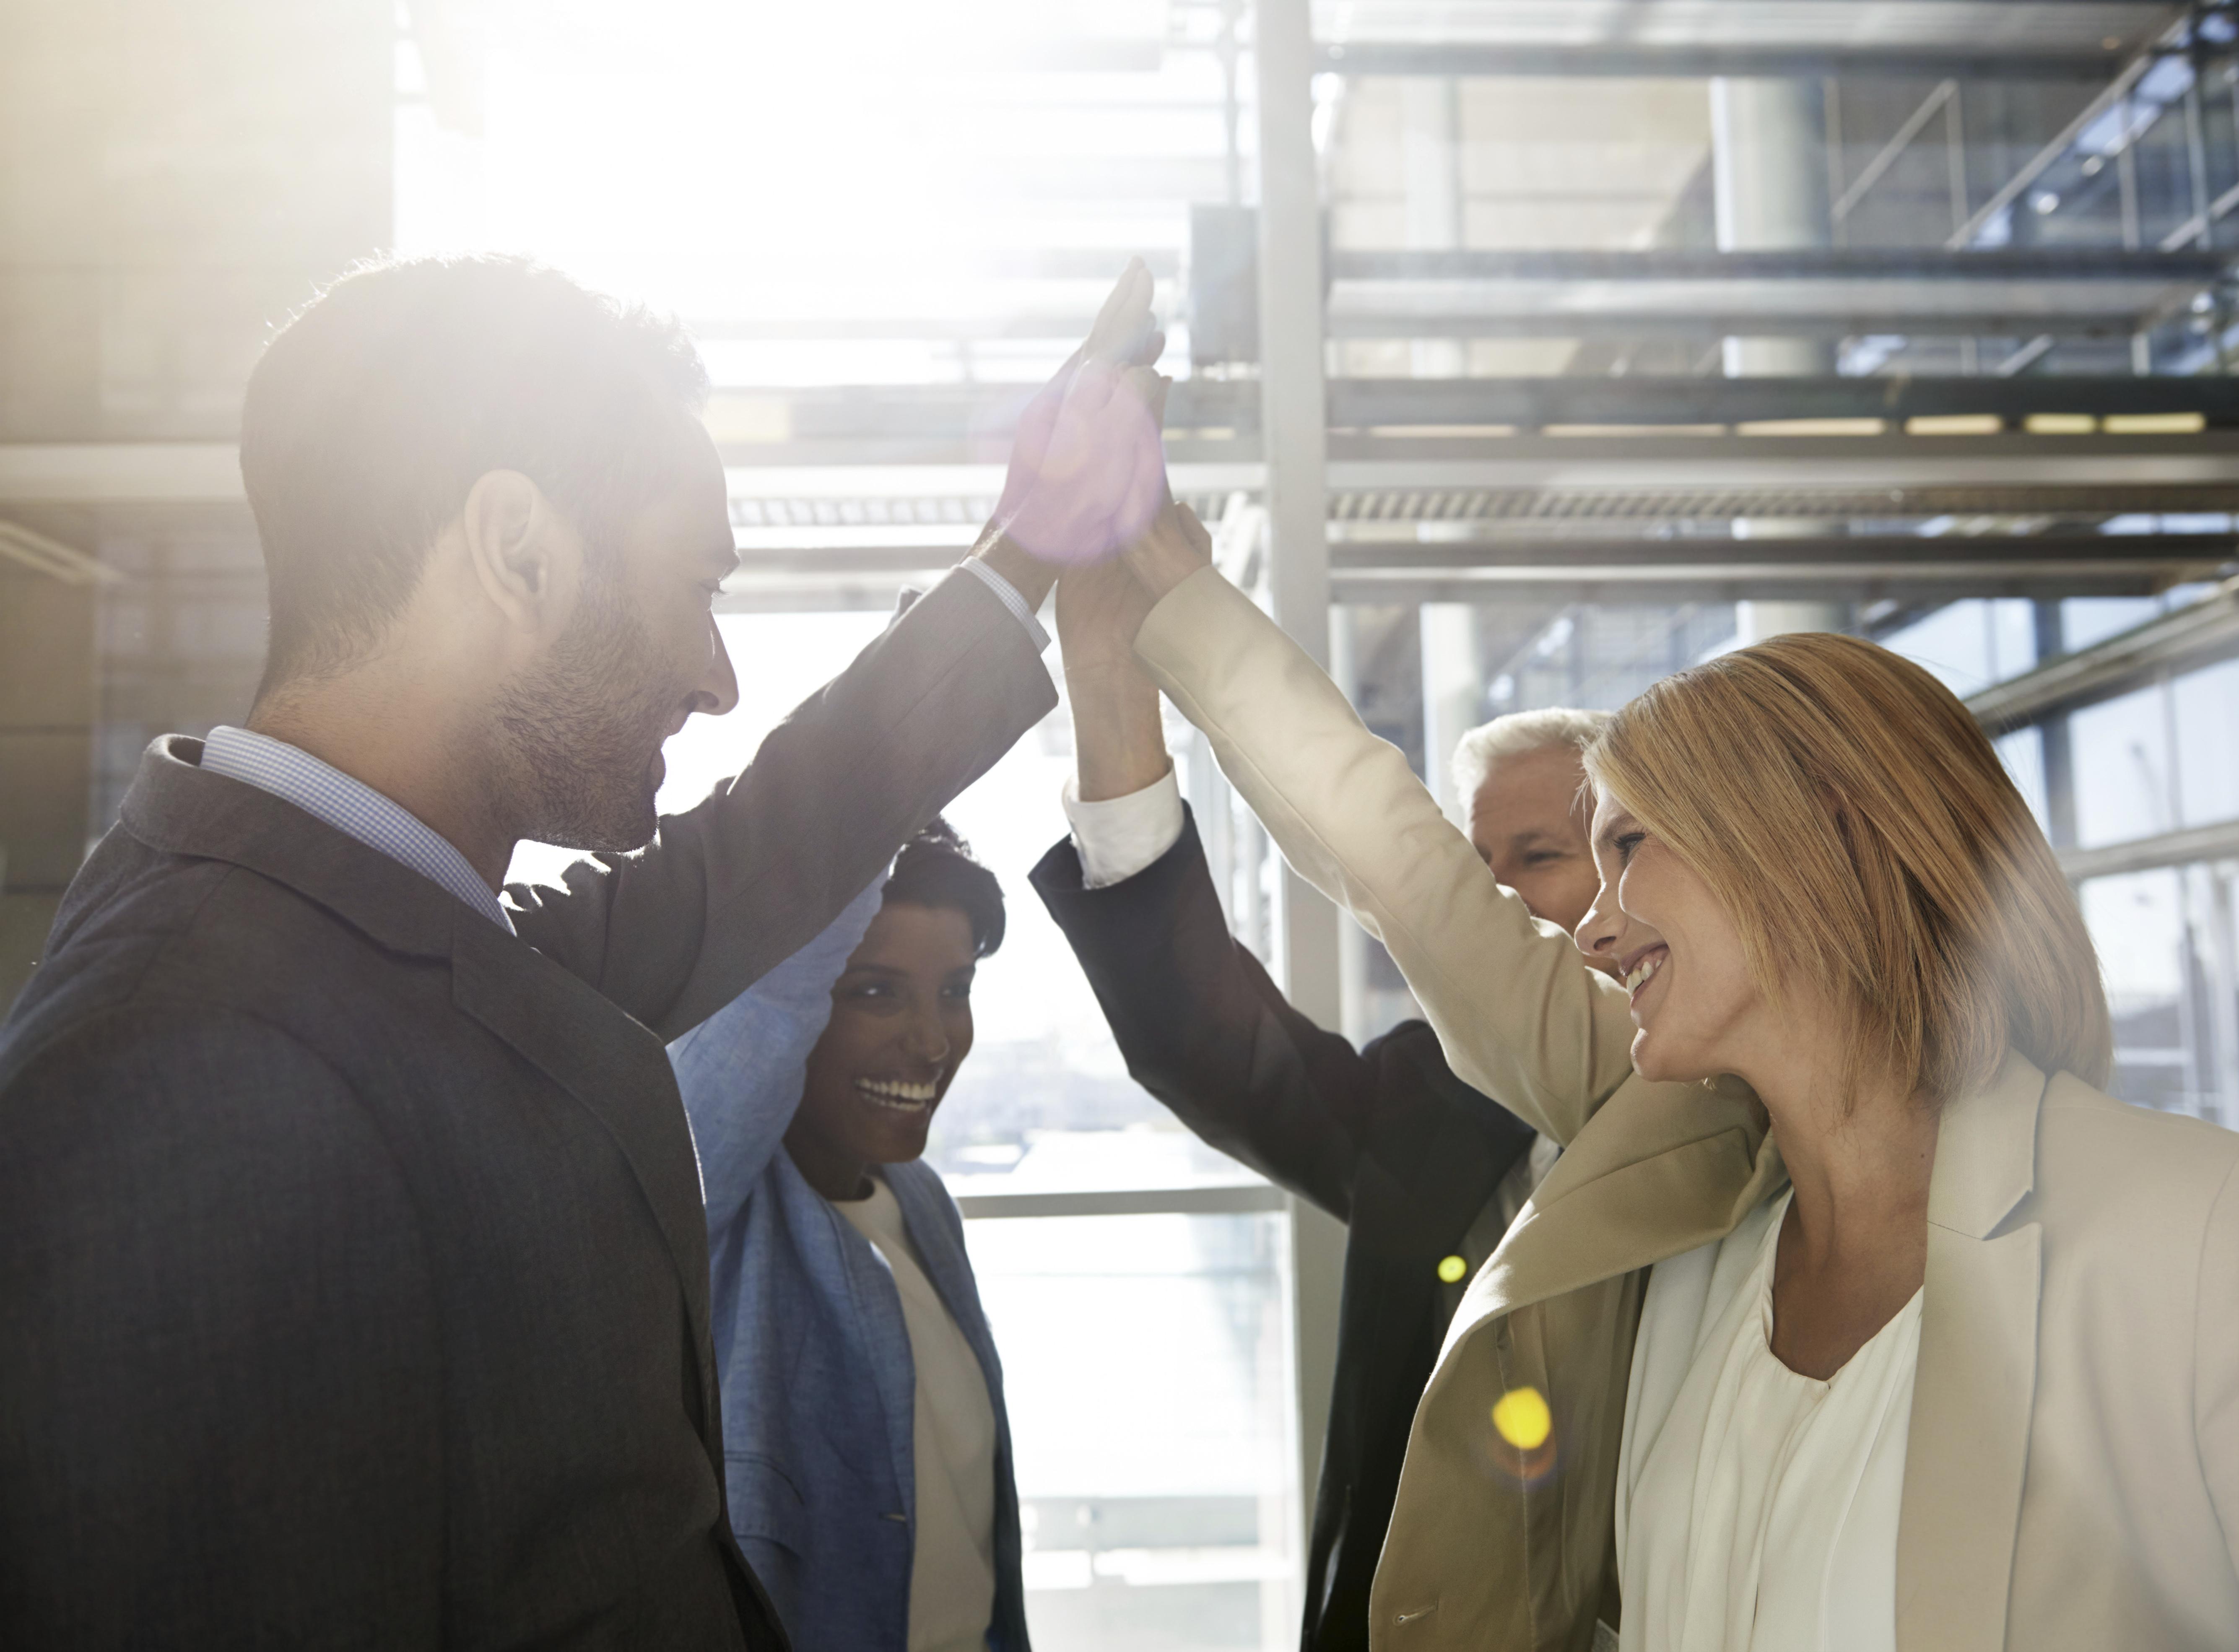 Viteza in recrutare si lipsa potentialilor angajati forteaza companiile să renunțe la testele de angajare eliminatorii